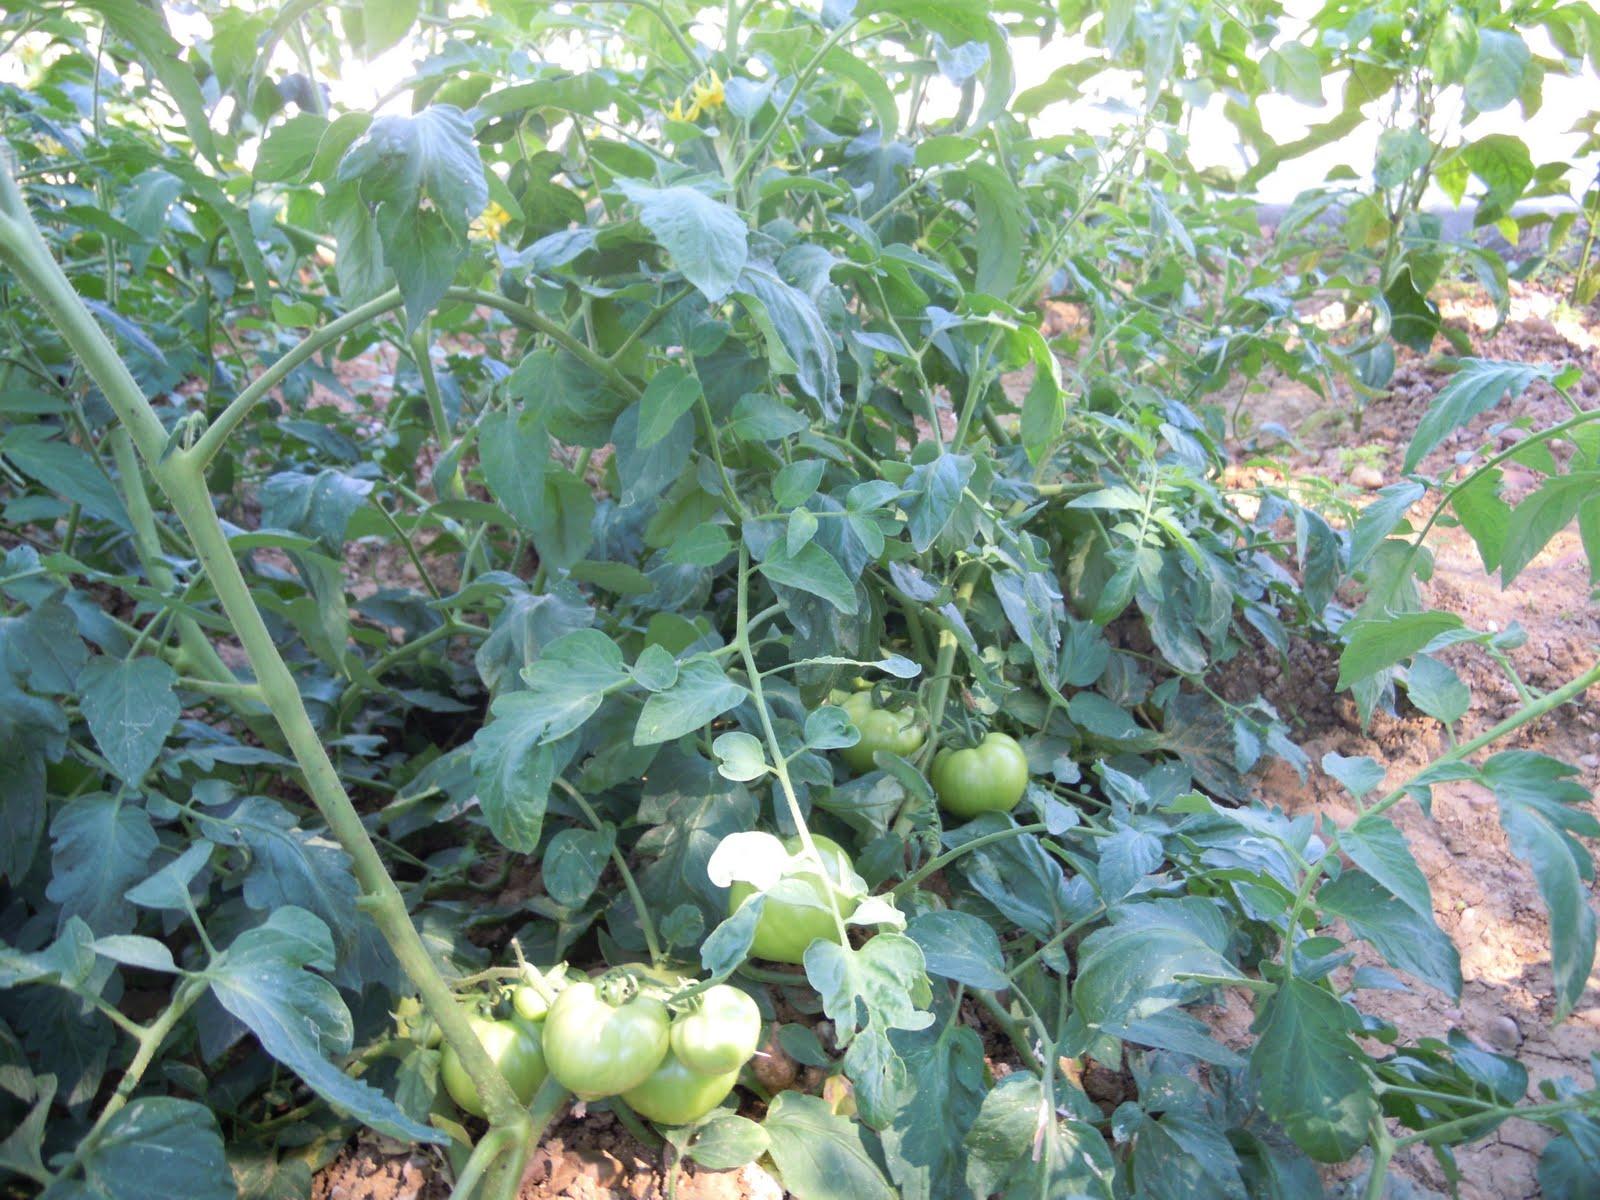 Asociaci n de mayores el tamujar silillos los tomates for Asociacion de plantas en el huerto